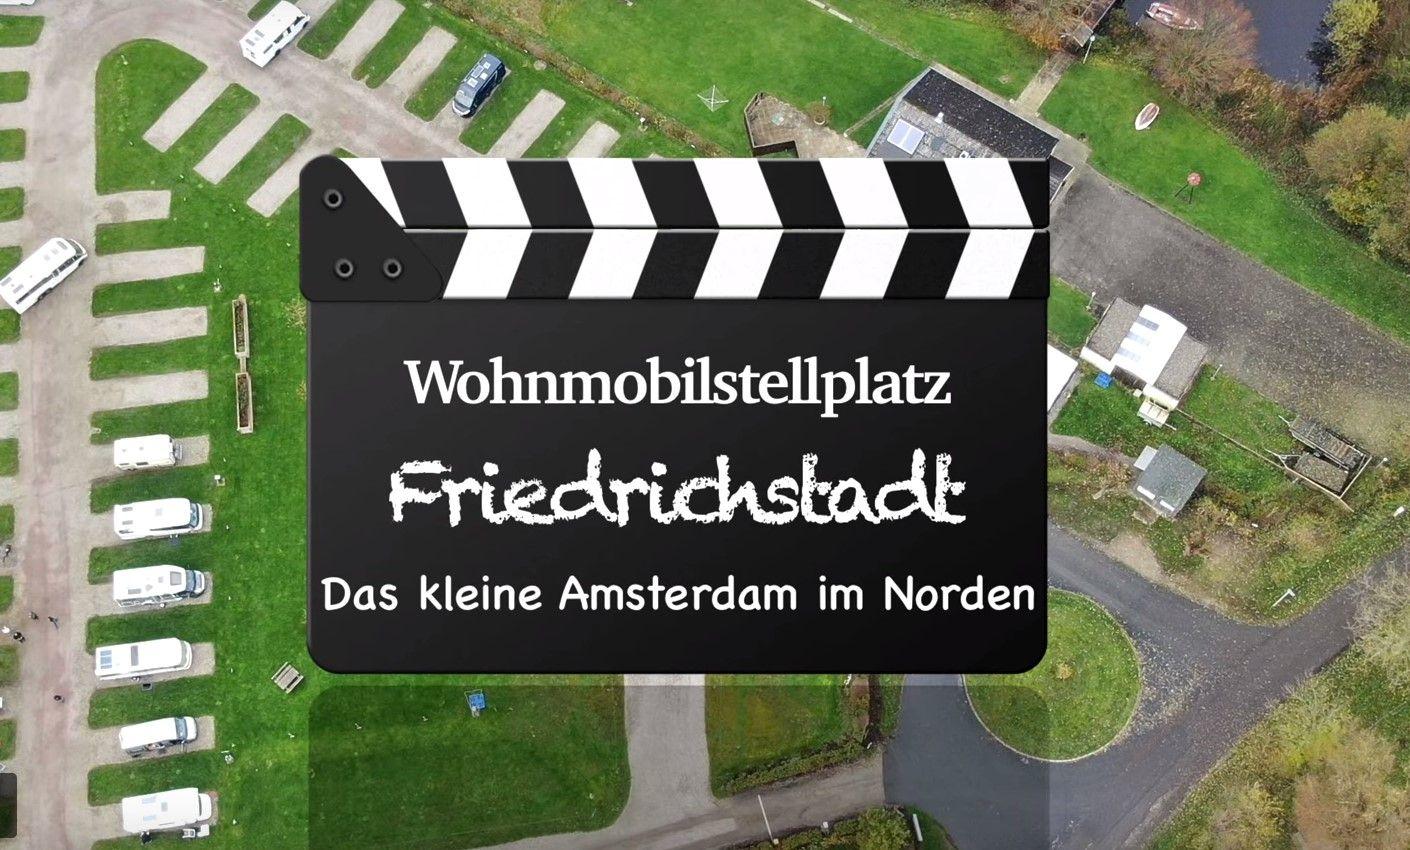 Wohnmobilstellplatz Friedrichstadt Klein Amsterdam In Norddeutschland Friedrichstadt Wohnmobil Camping